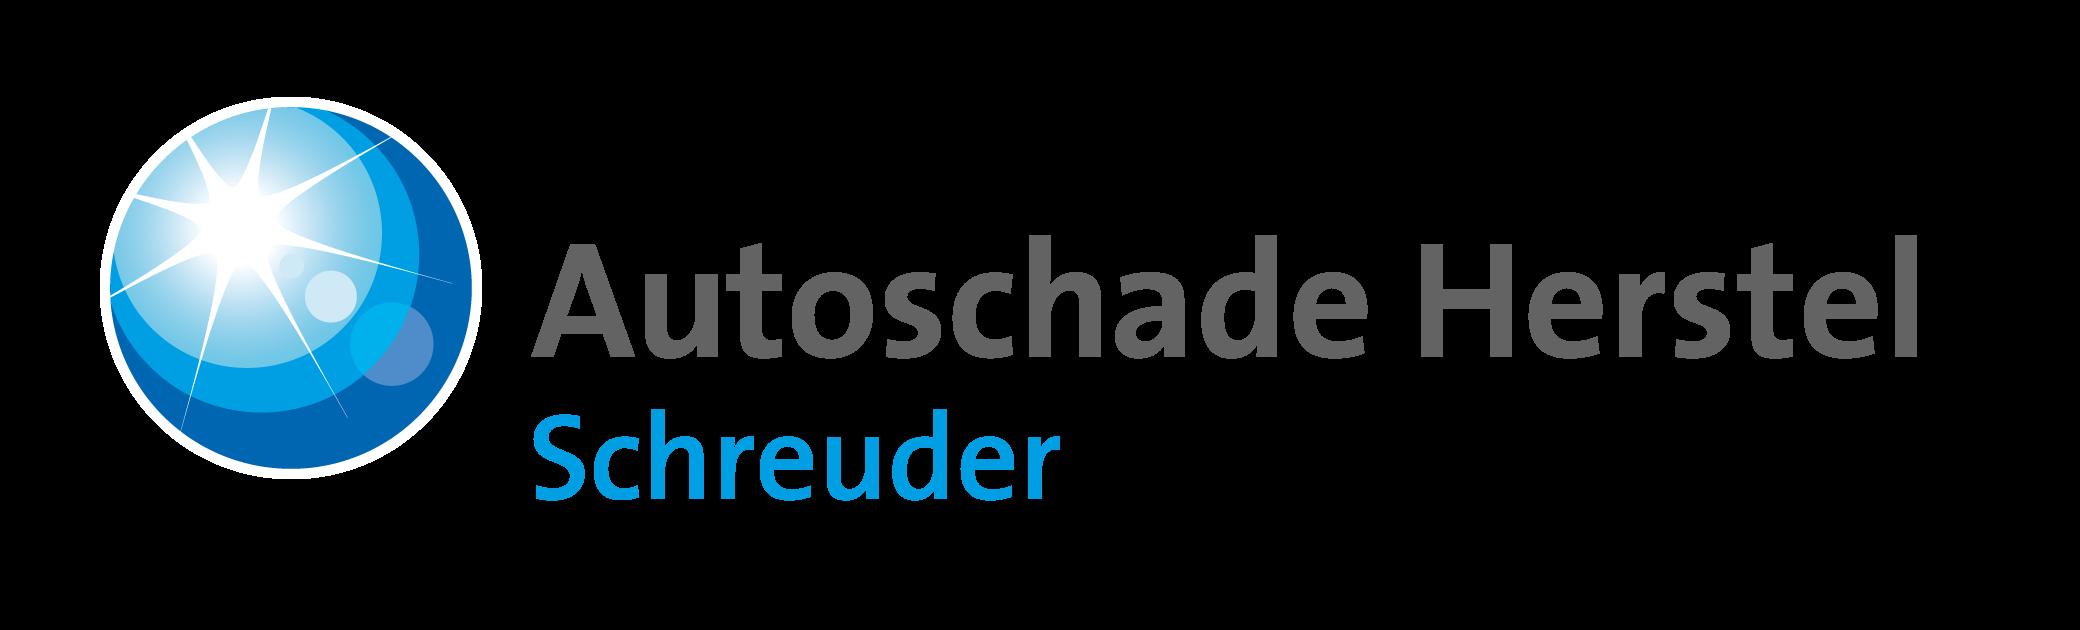 Autoschade Herstel Schreuder Woudenberg